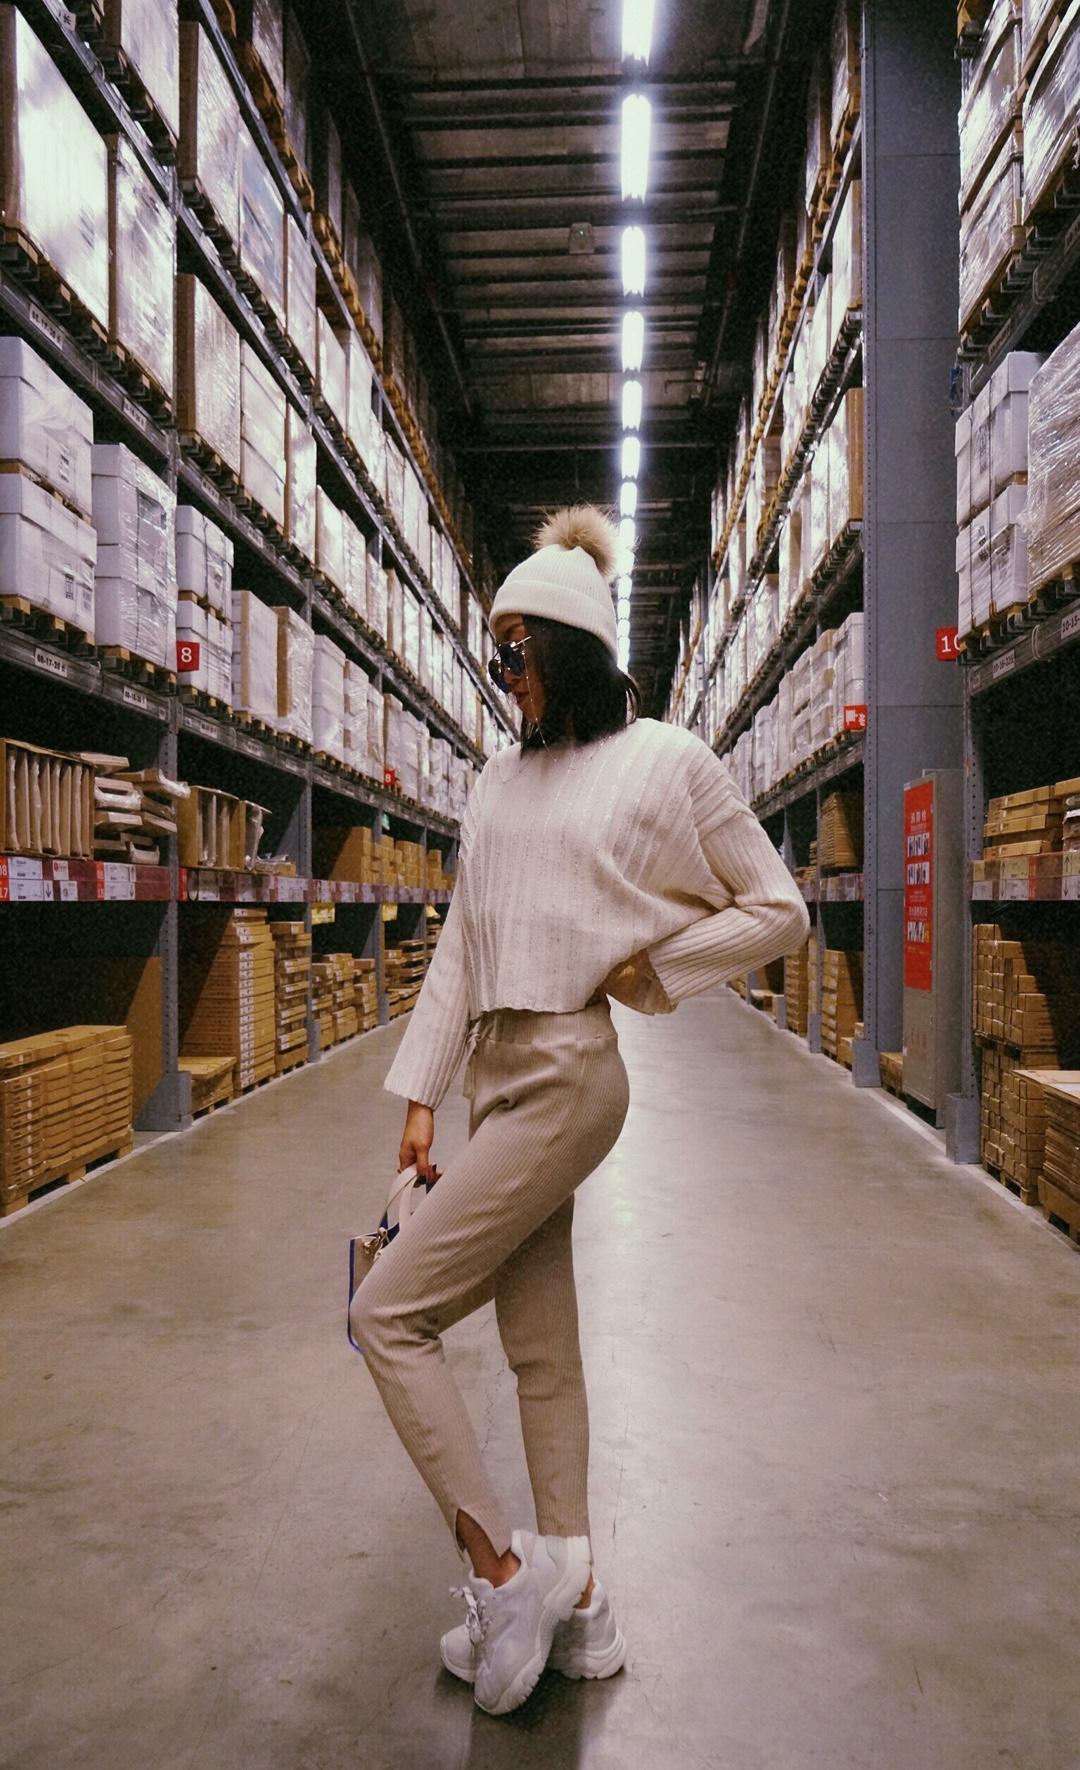 放松了四天后,舒舒服服去上班  运动鞋or运动裤唤醒自己 一点点亮晶晶的配饰点缀 就可以为自己增添气色哦#初夏设计师品牌上新#